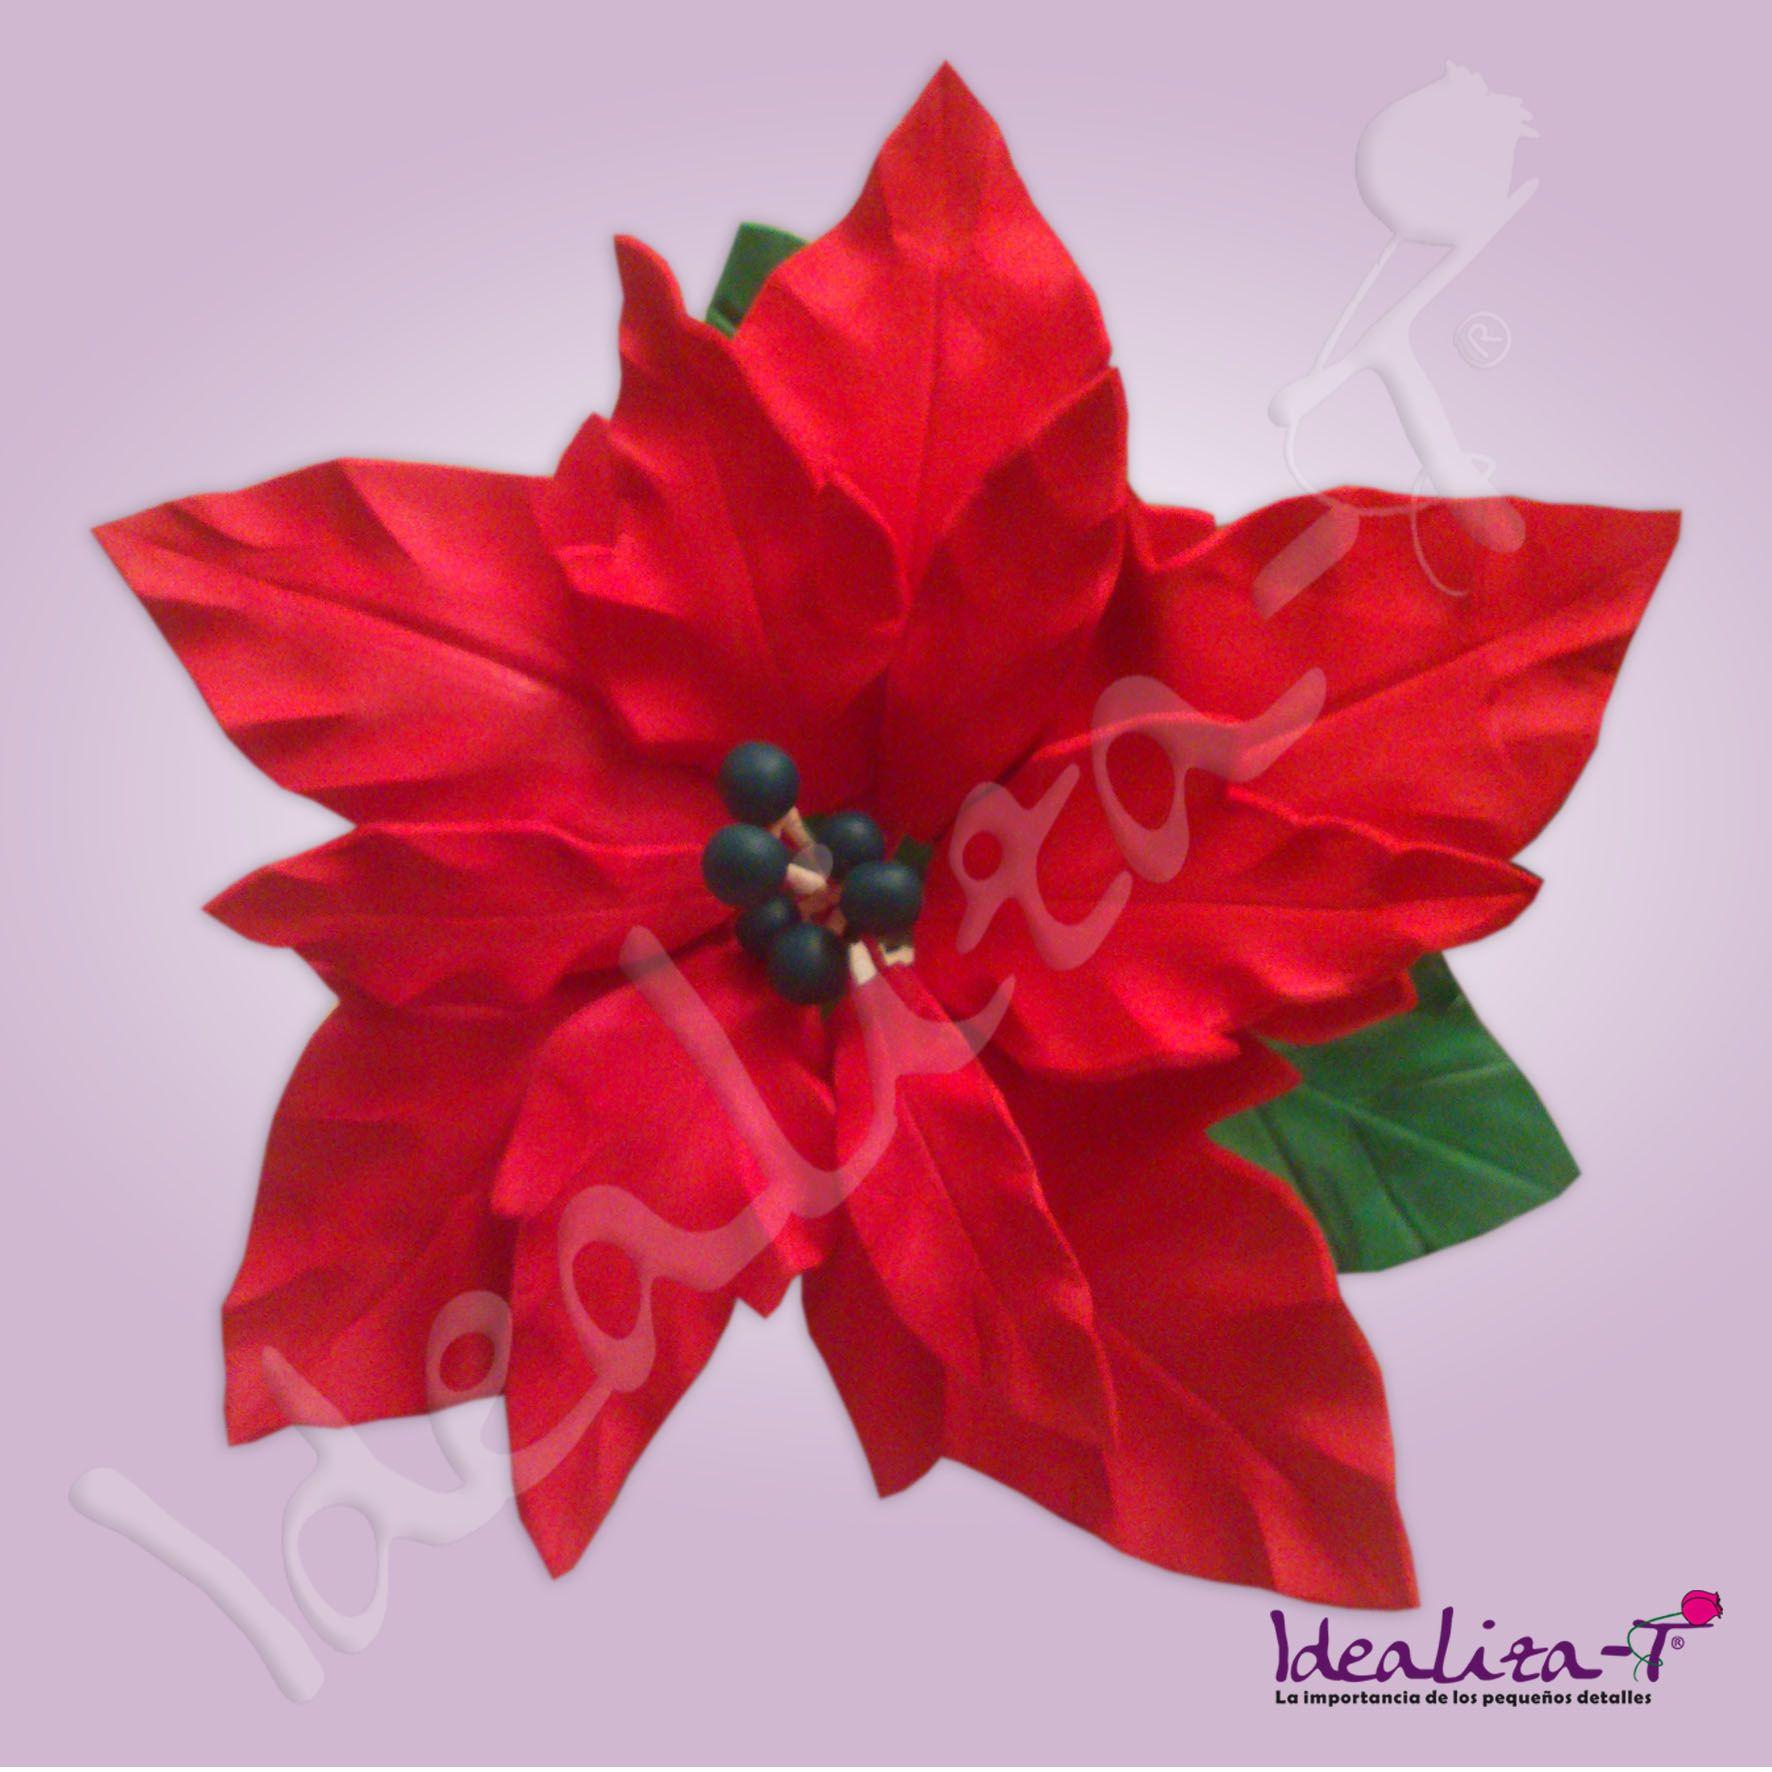 Flor de pascua realizada en goma eva los pistilos est n - Imagenes flores de navidad ...